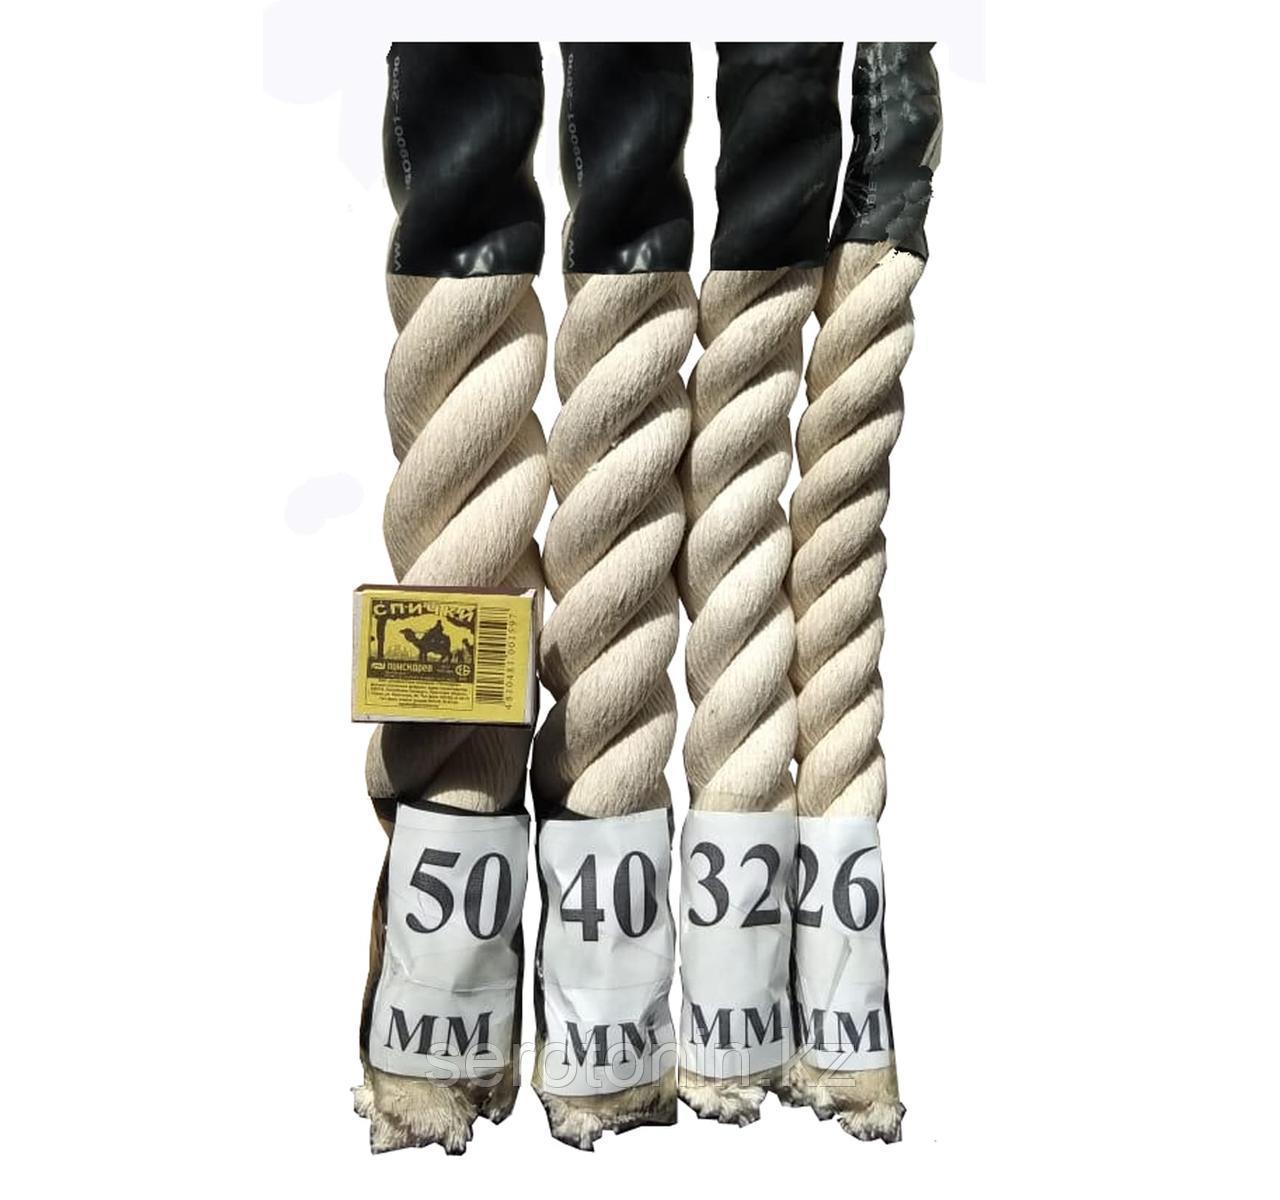 Канат для лазания 32мм 8м